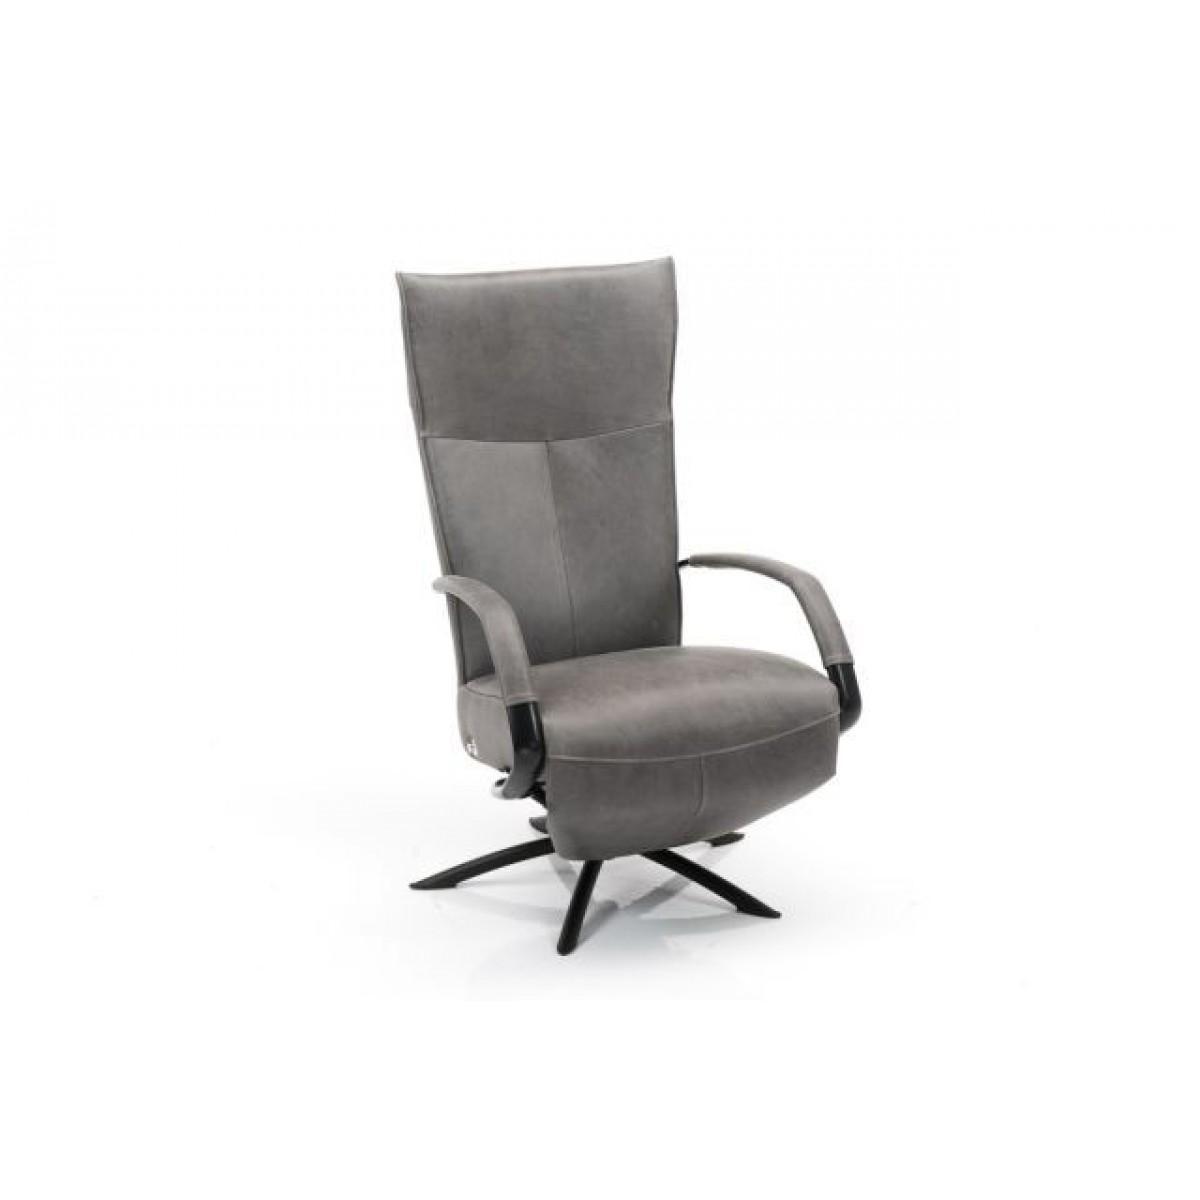 berndt relaxsessel hjort knudsen i live design preisg nstig online moebel kaufen. Black Bedroom Furniture Sets. Home Design Ideas